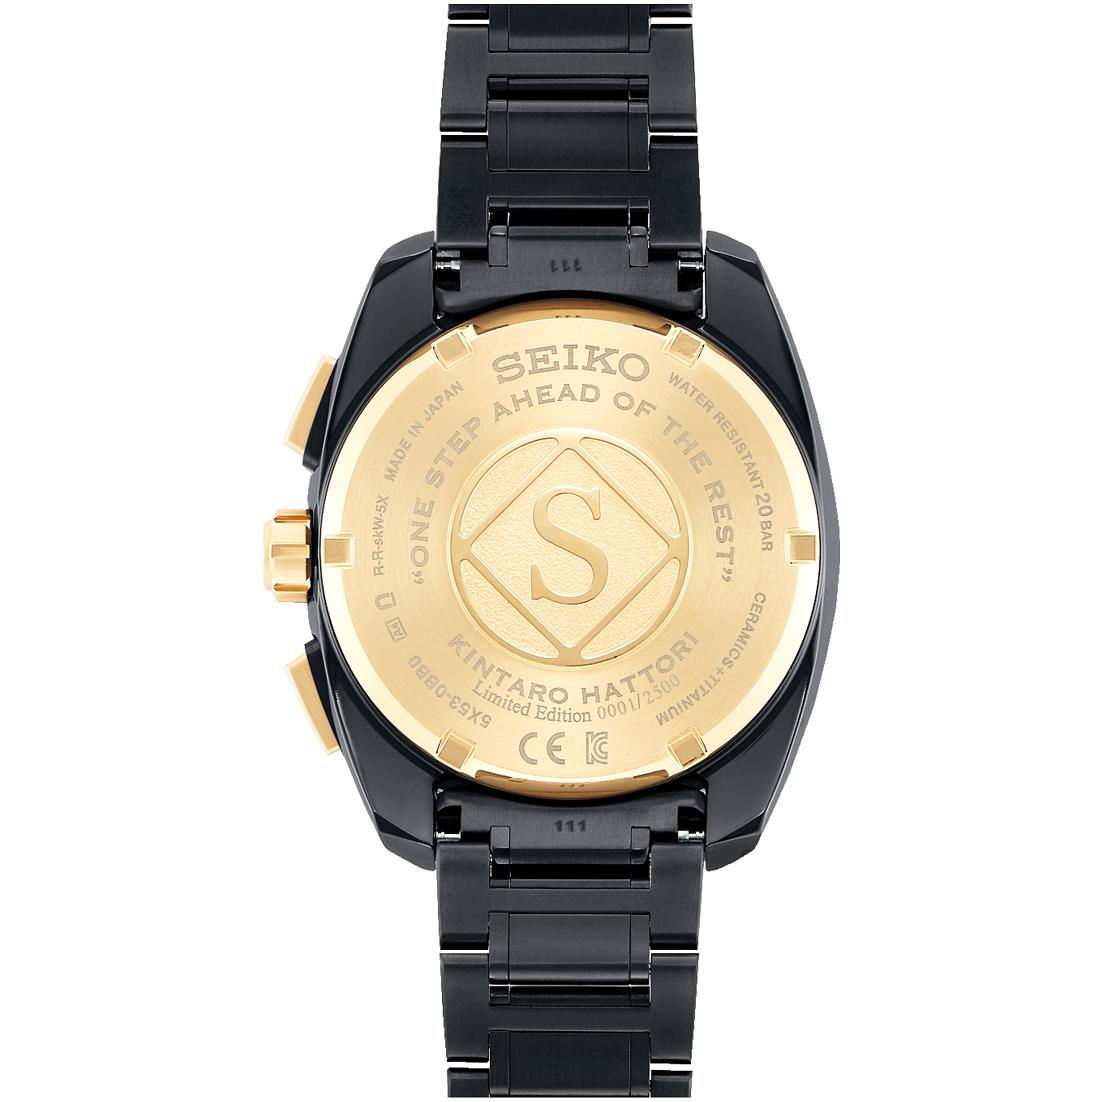 セイコー-アストロン 5Xグローバルライン限定モデル 服部金太郎生誕160周年記念モデル SBXC073 画像2